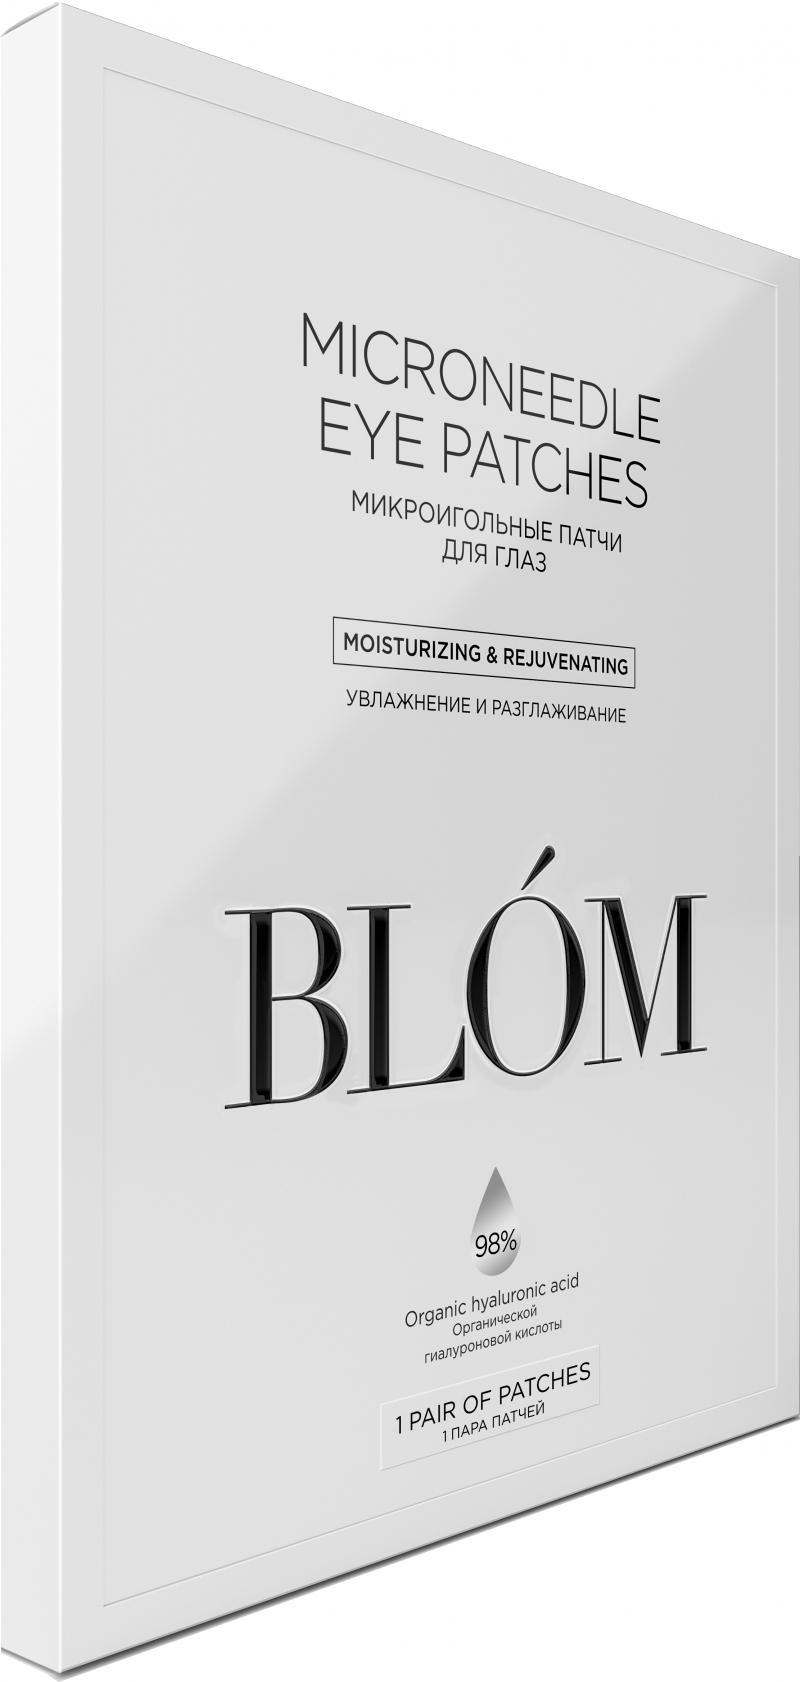 Blom Микроигольные патчи для глаз 1 пара (Blom, Патчи)